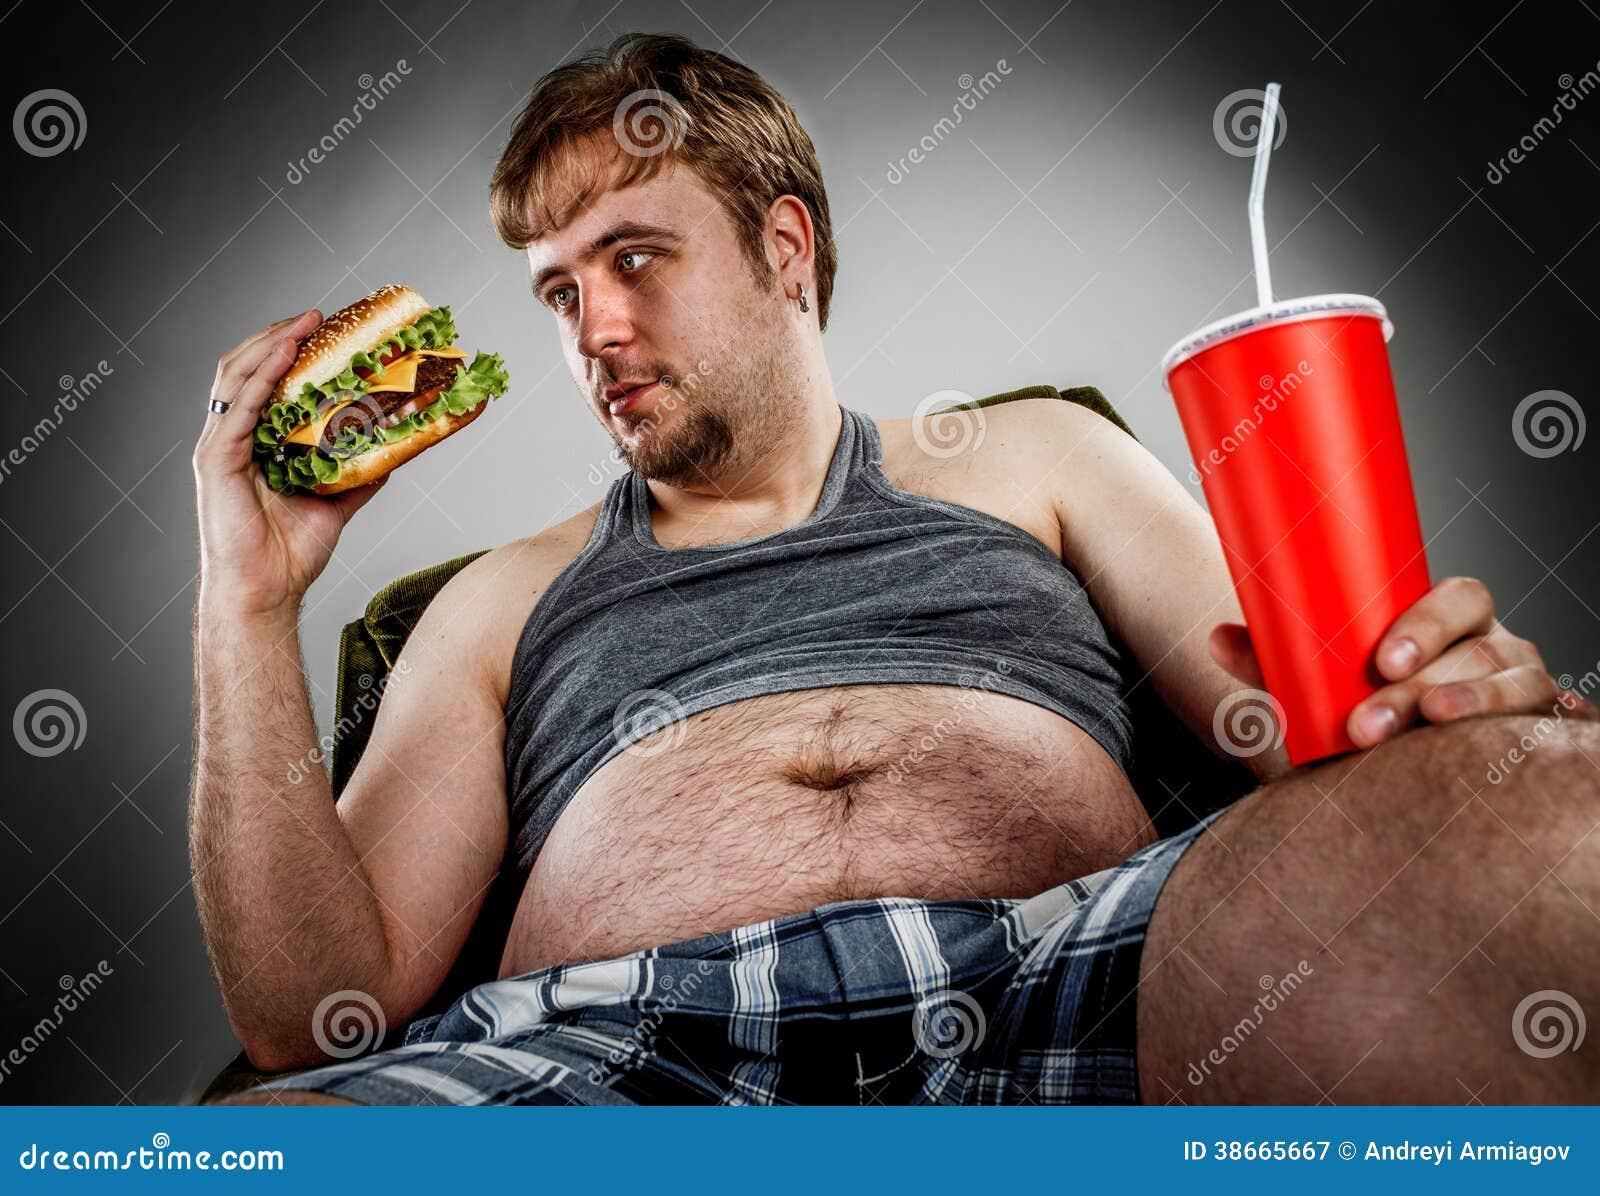 fat man eating hamburger royalty free stock photography